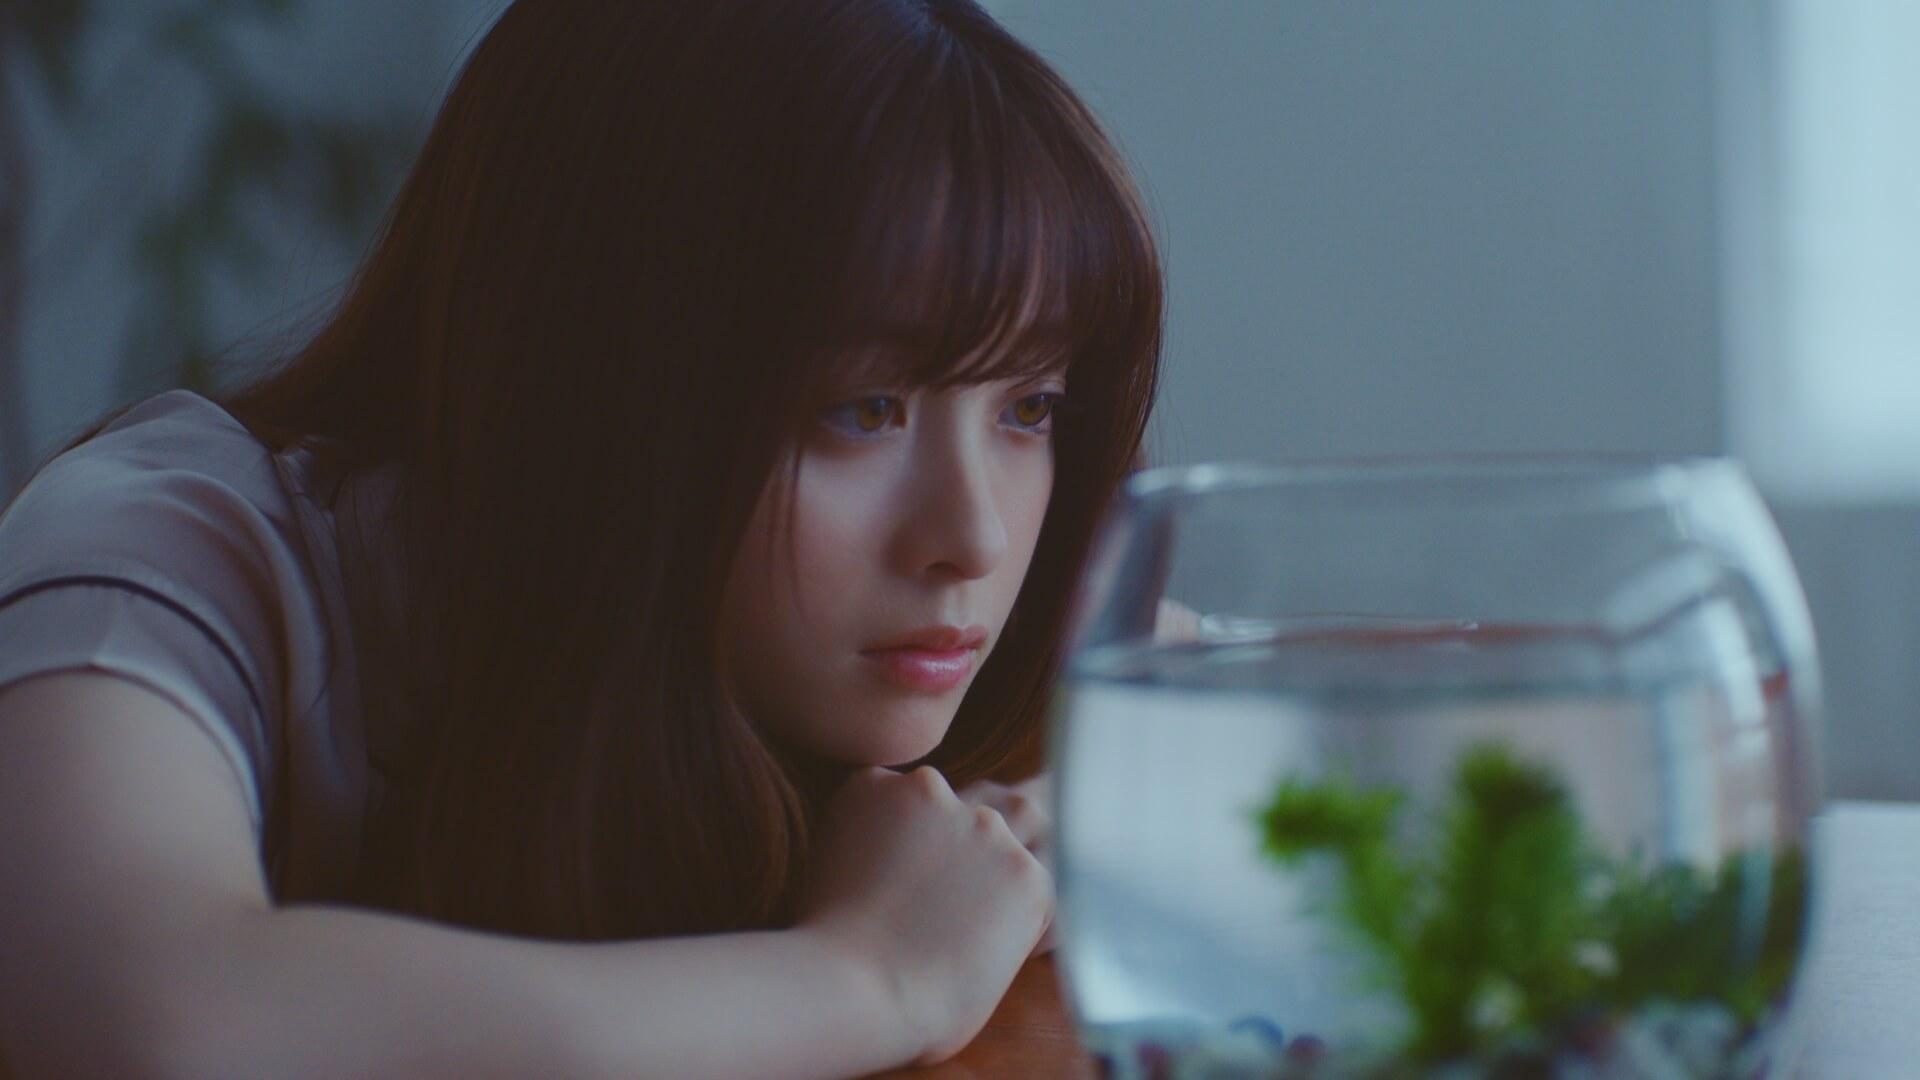 橋本環奈 3 SUGAO® エアー フィットCCクリーム